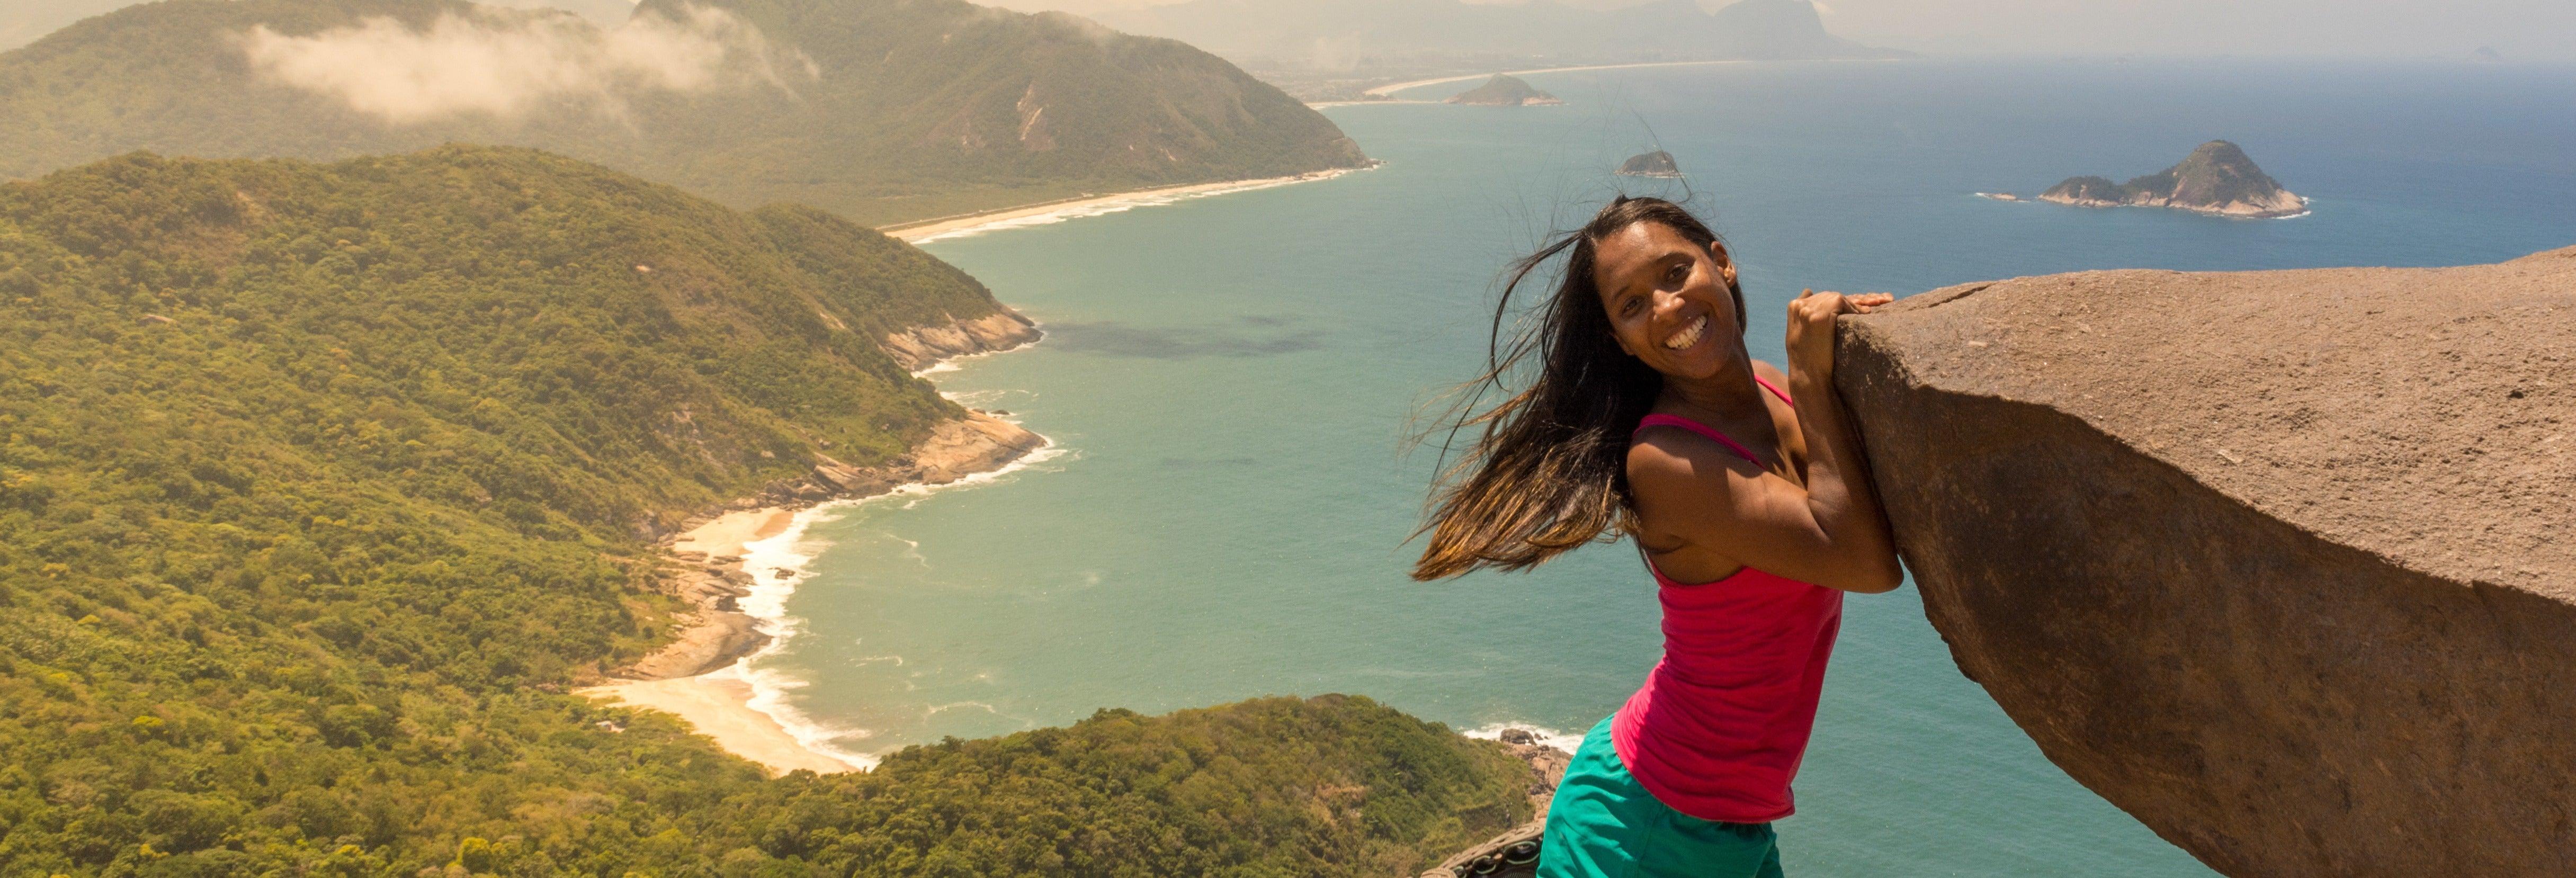 Pedra do Telégrafo + Spiagge selvagge di Rio